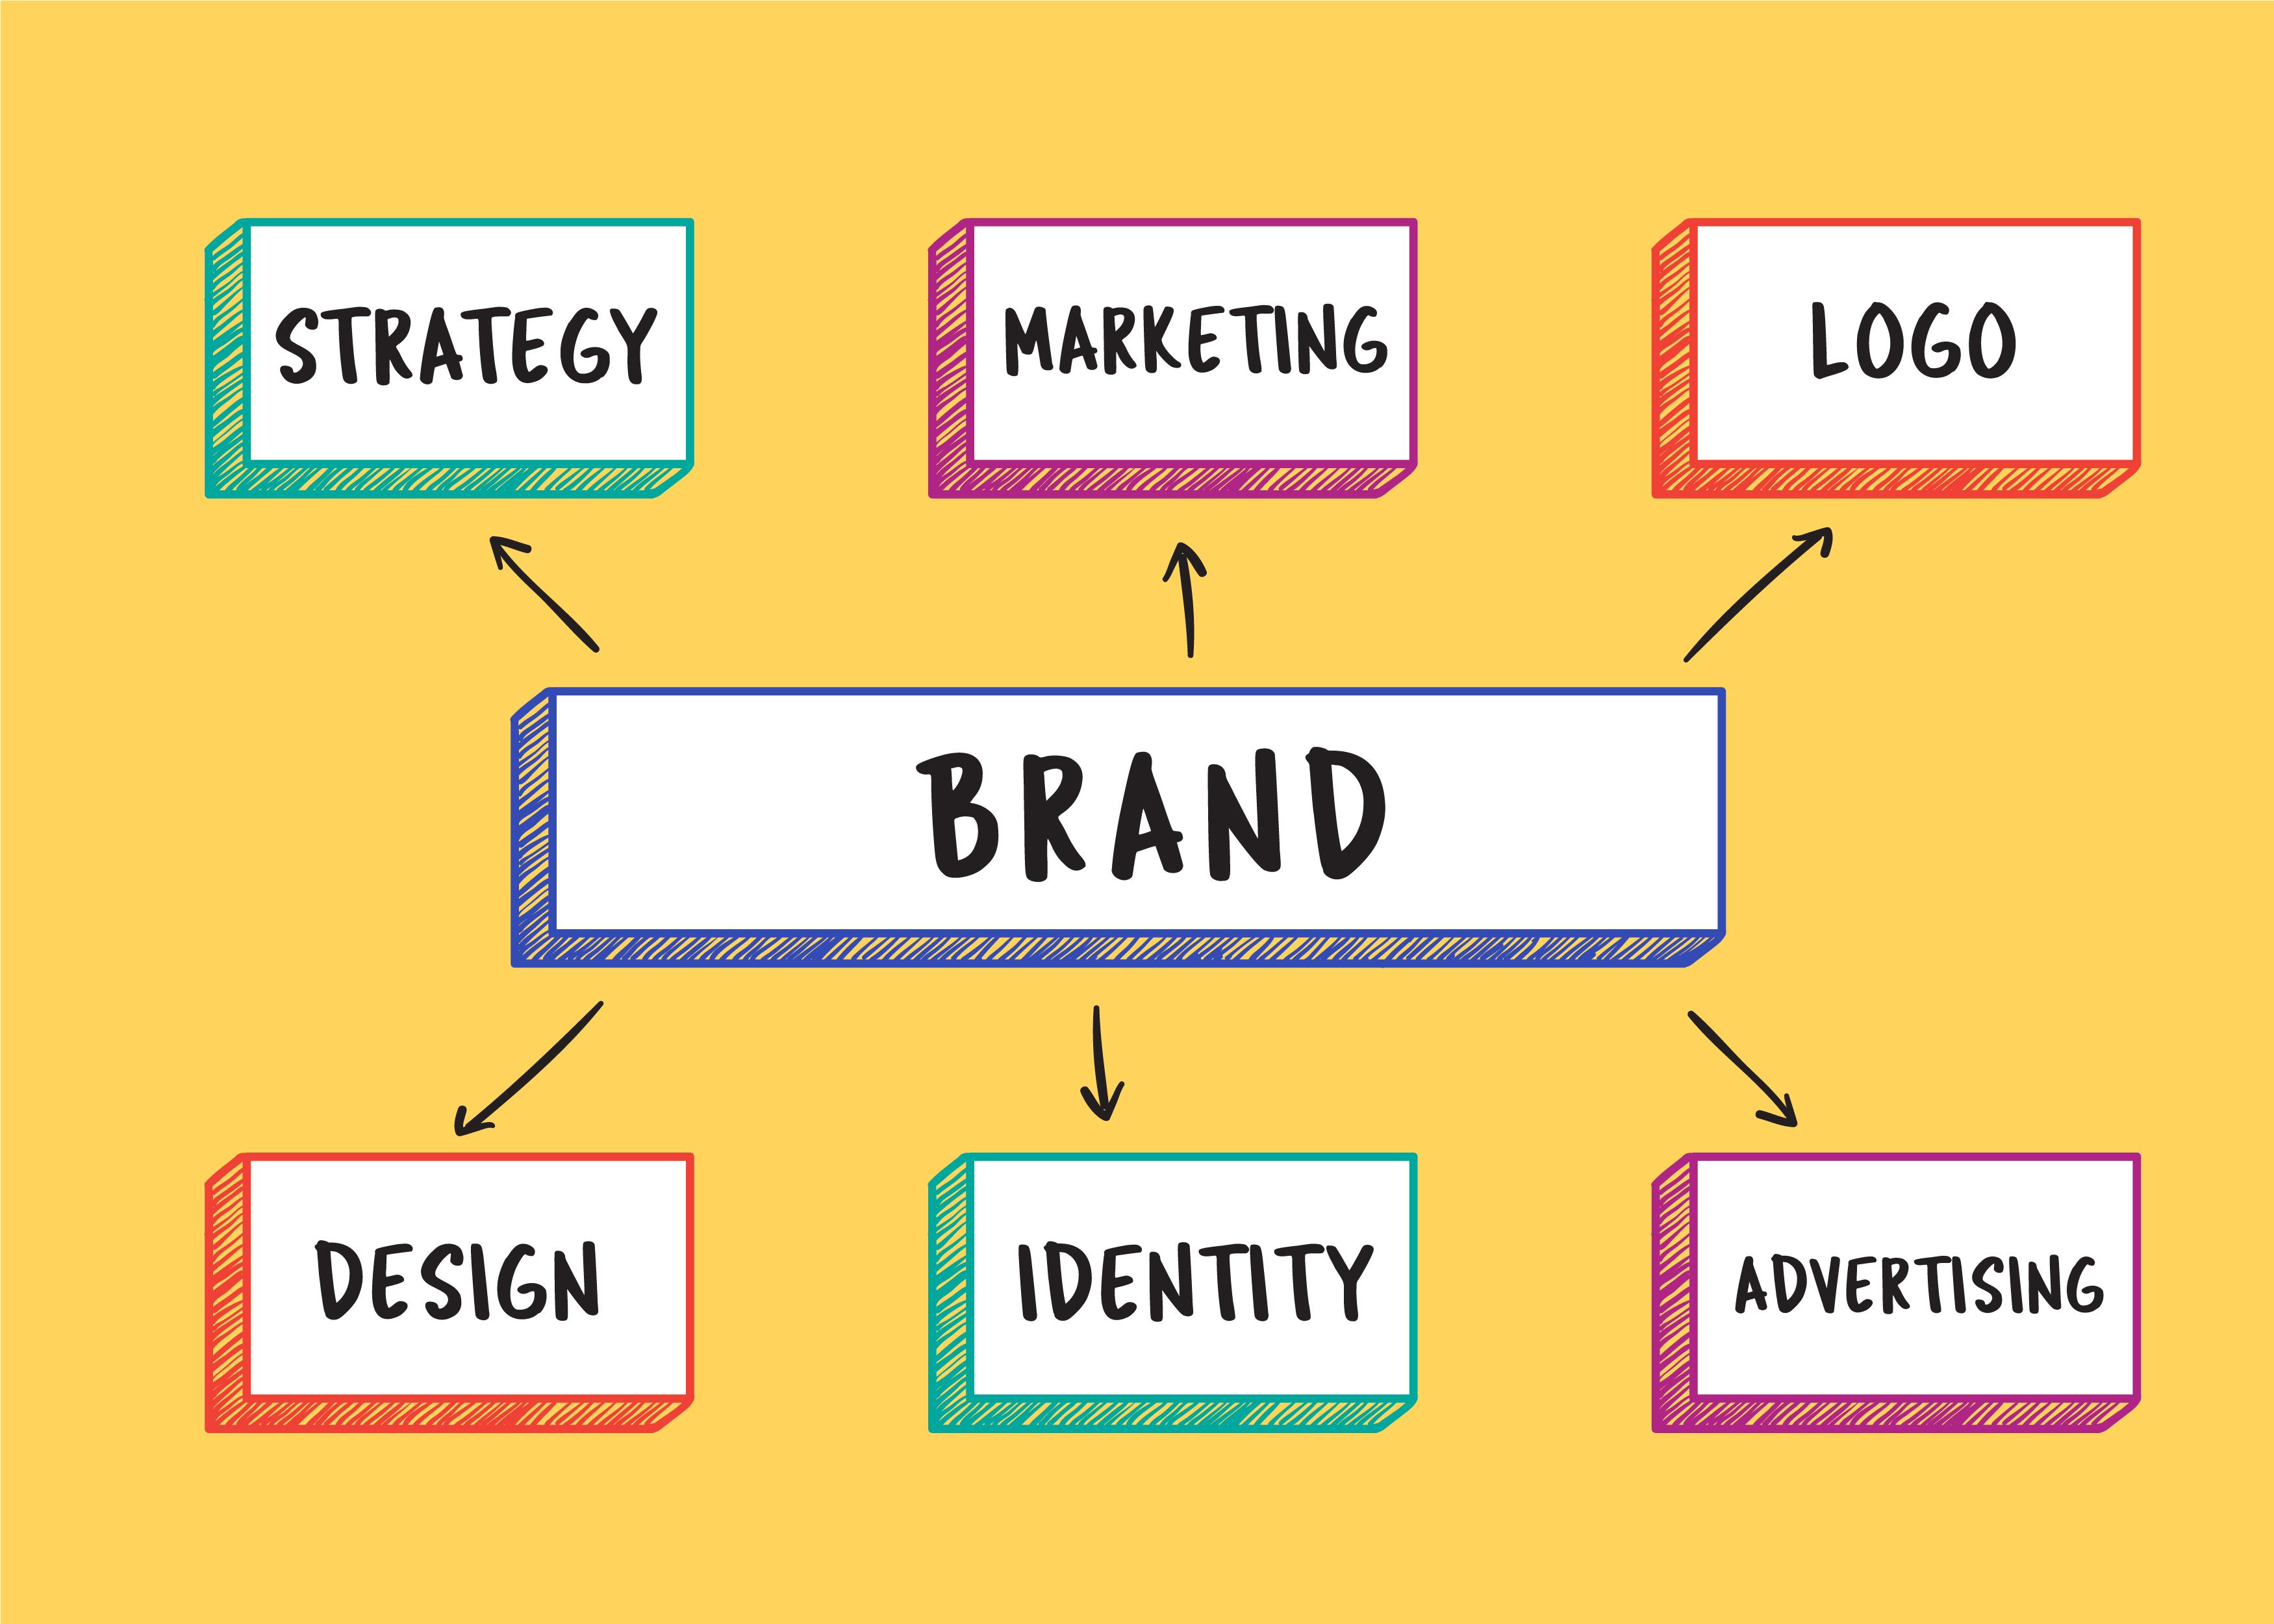 Tại sao cần xây dựng hệ thống nhận diện thương hiệu chuyên nghiệp?